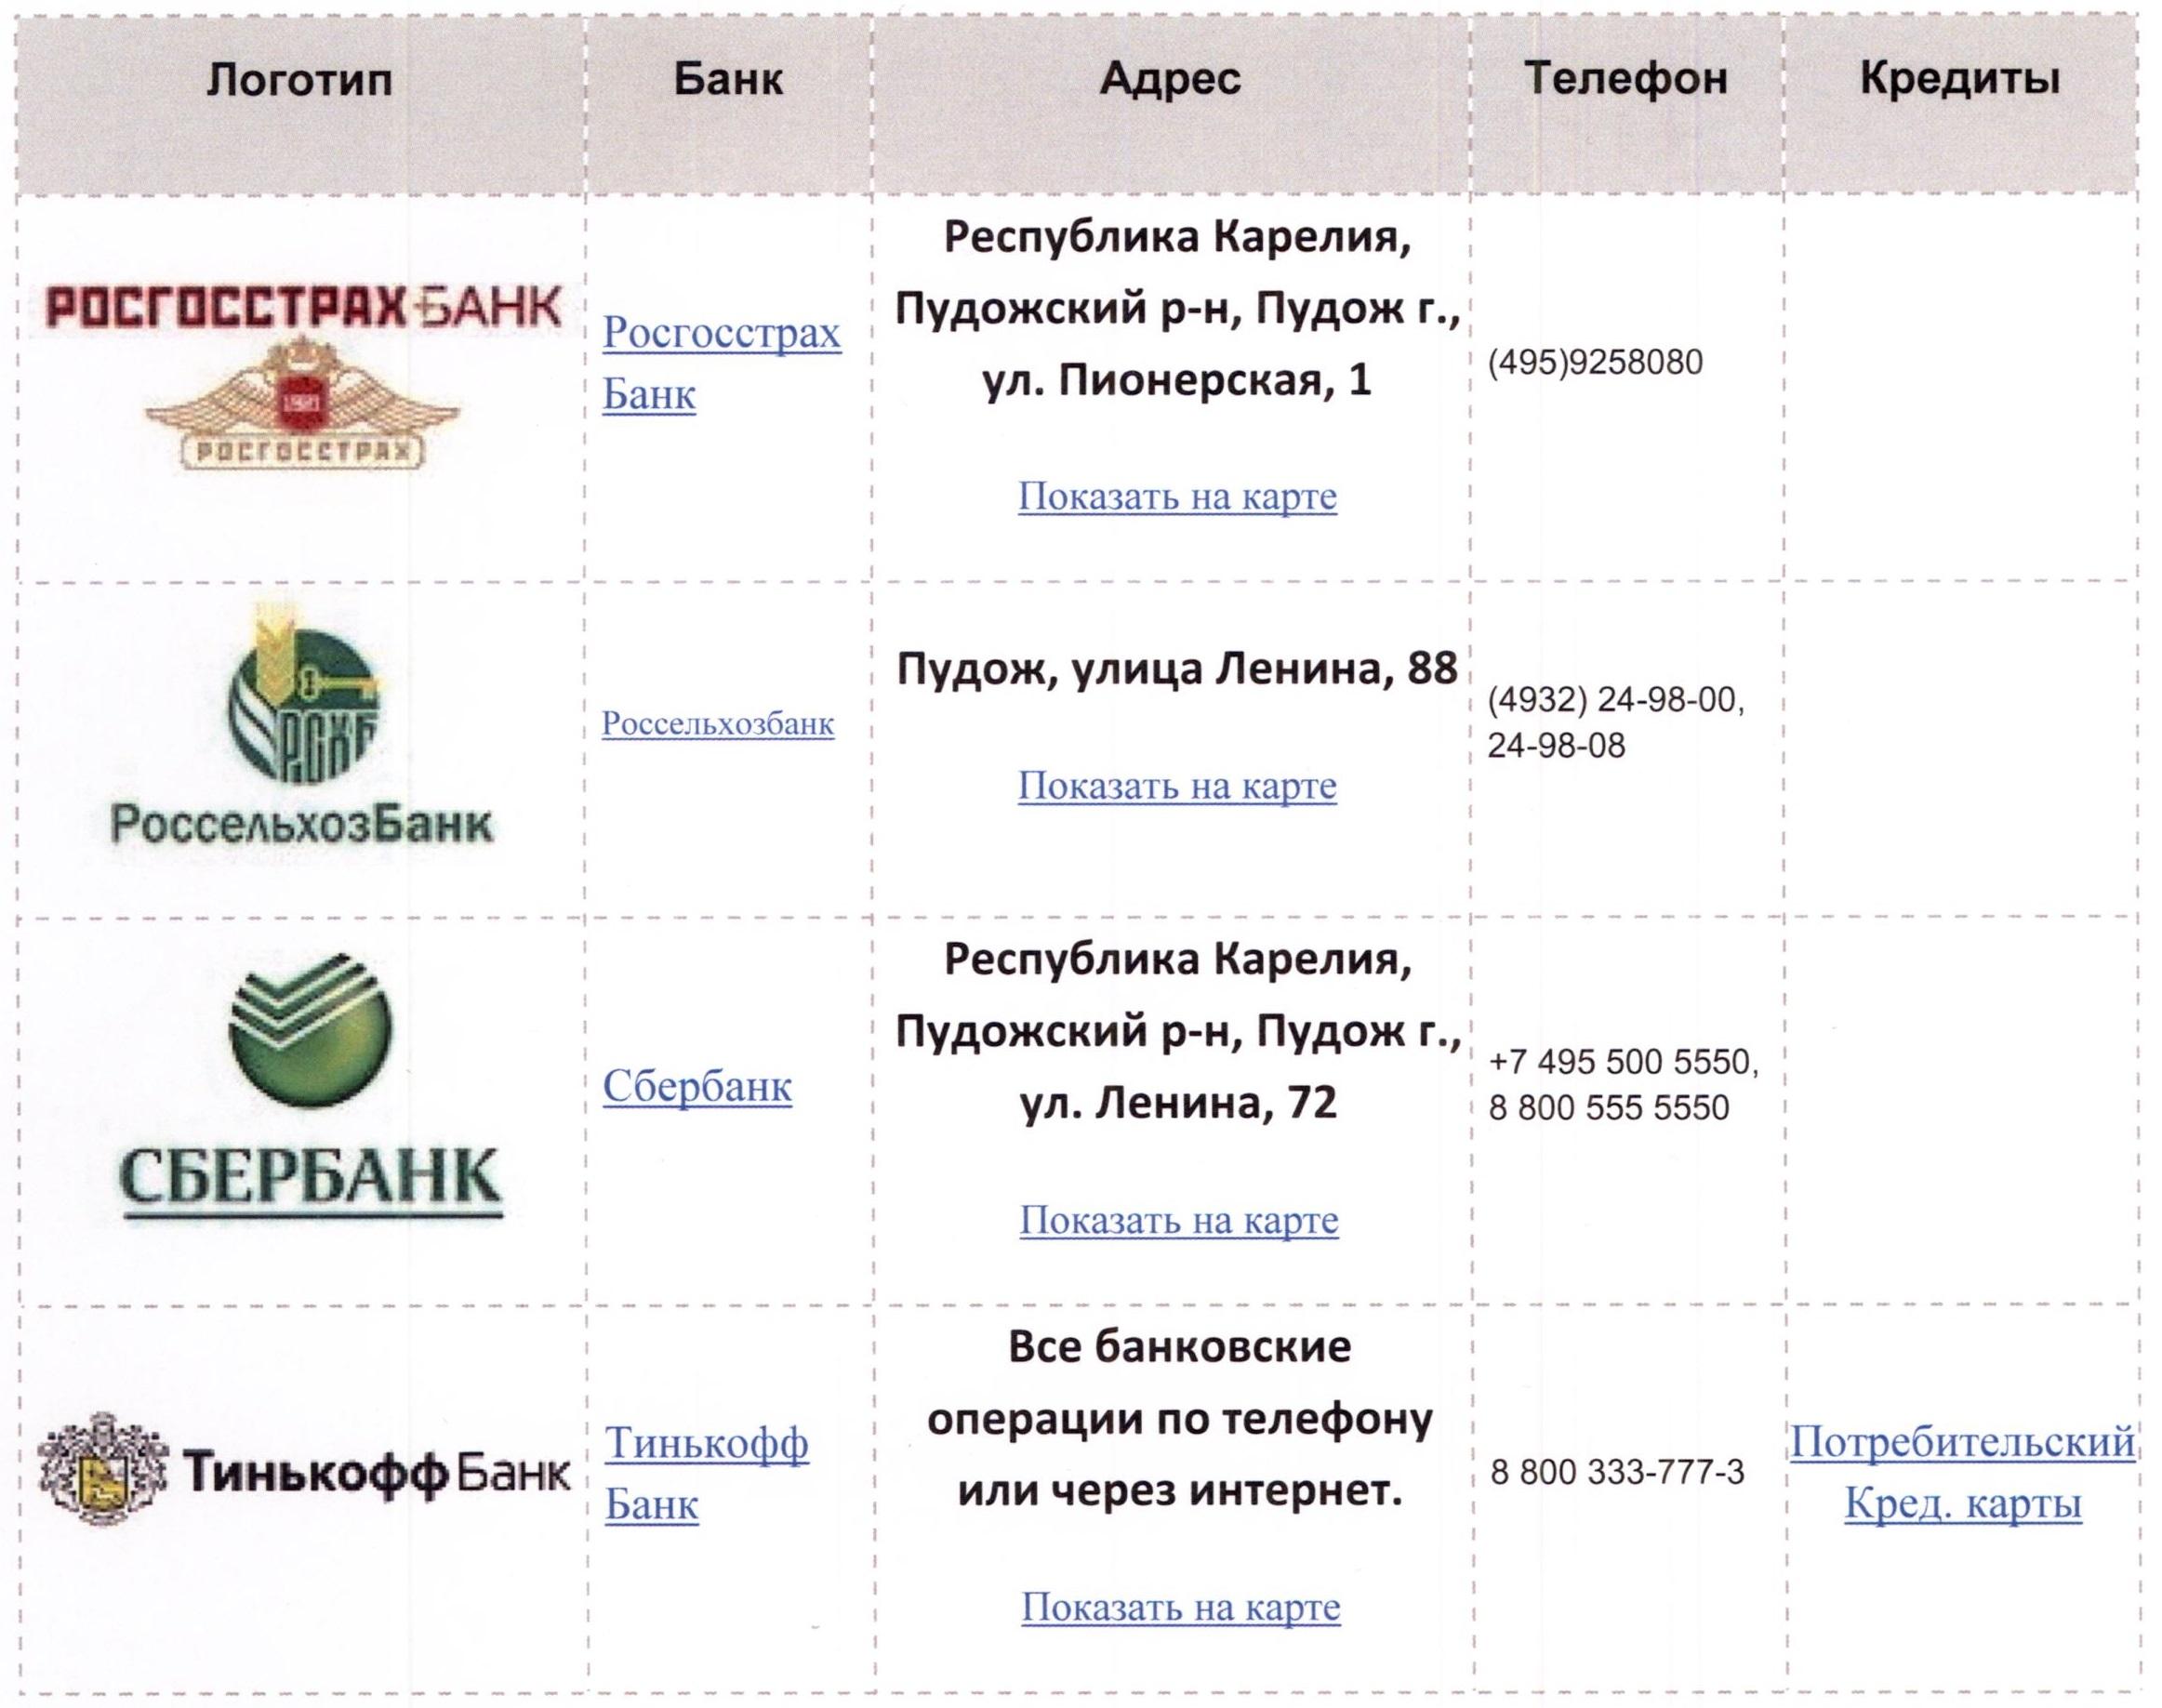 Список банков города Пудож